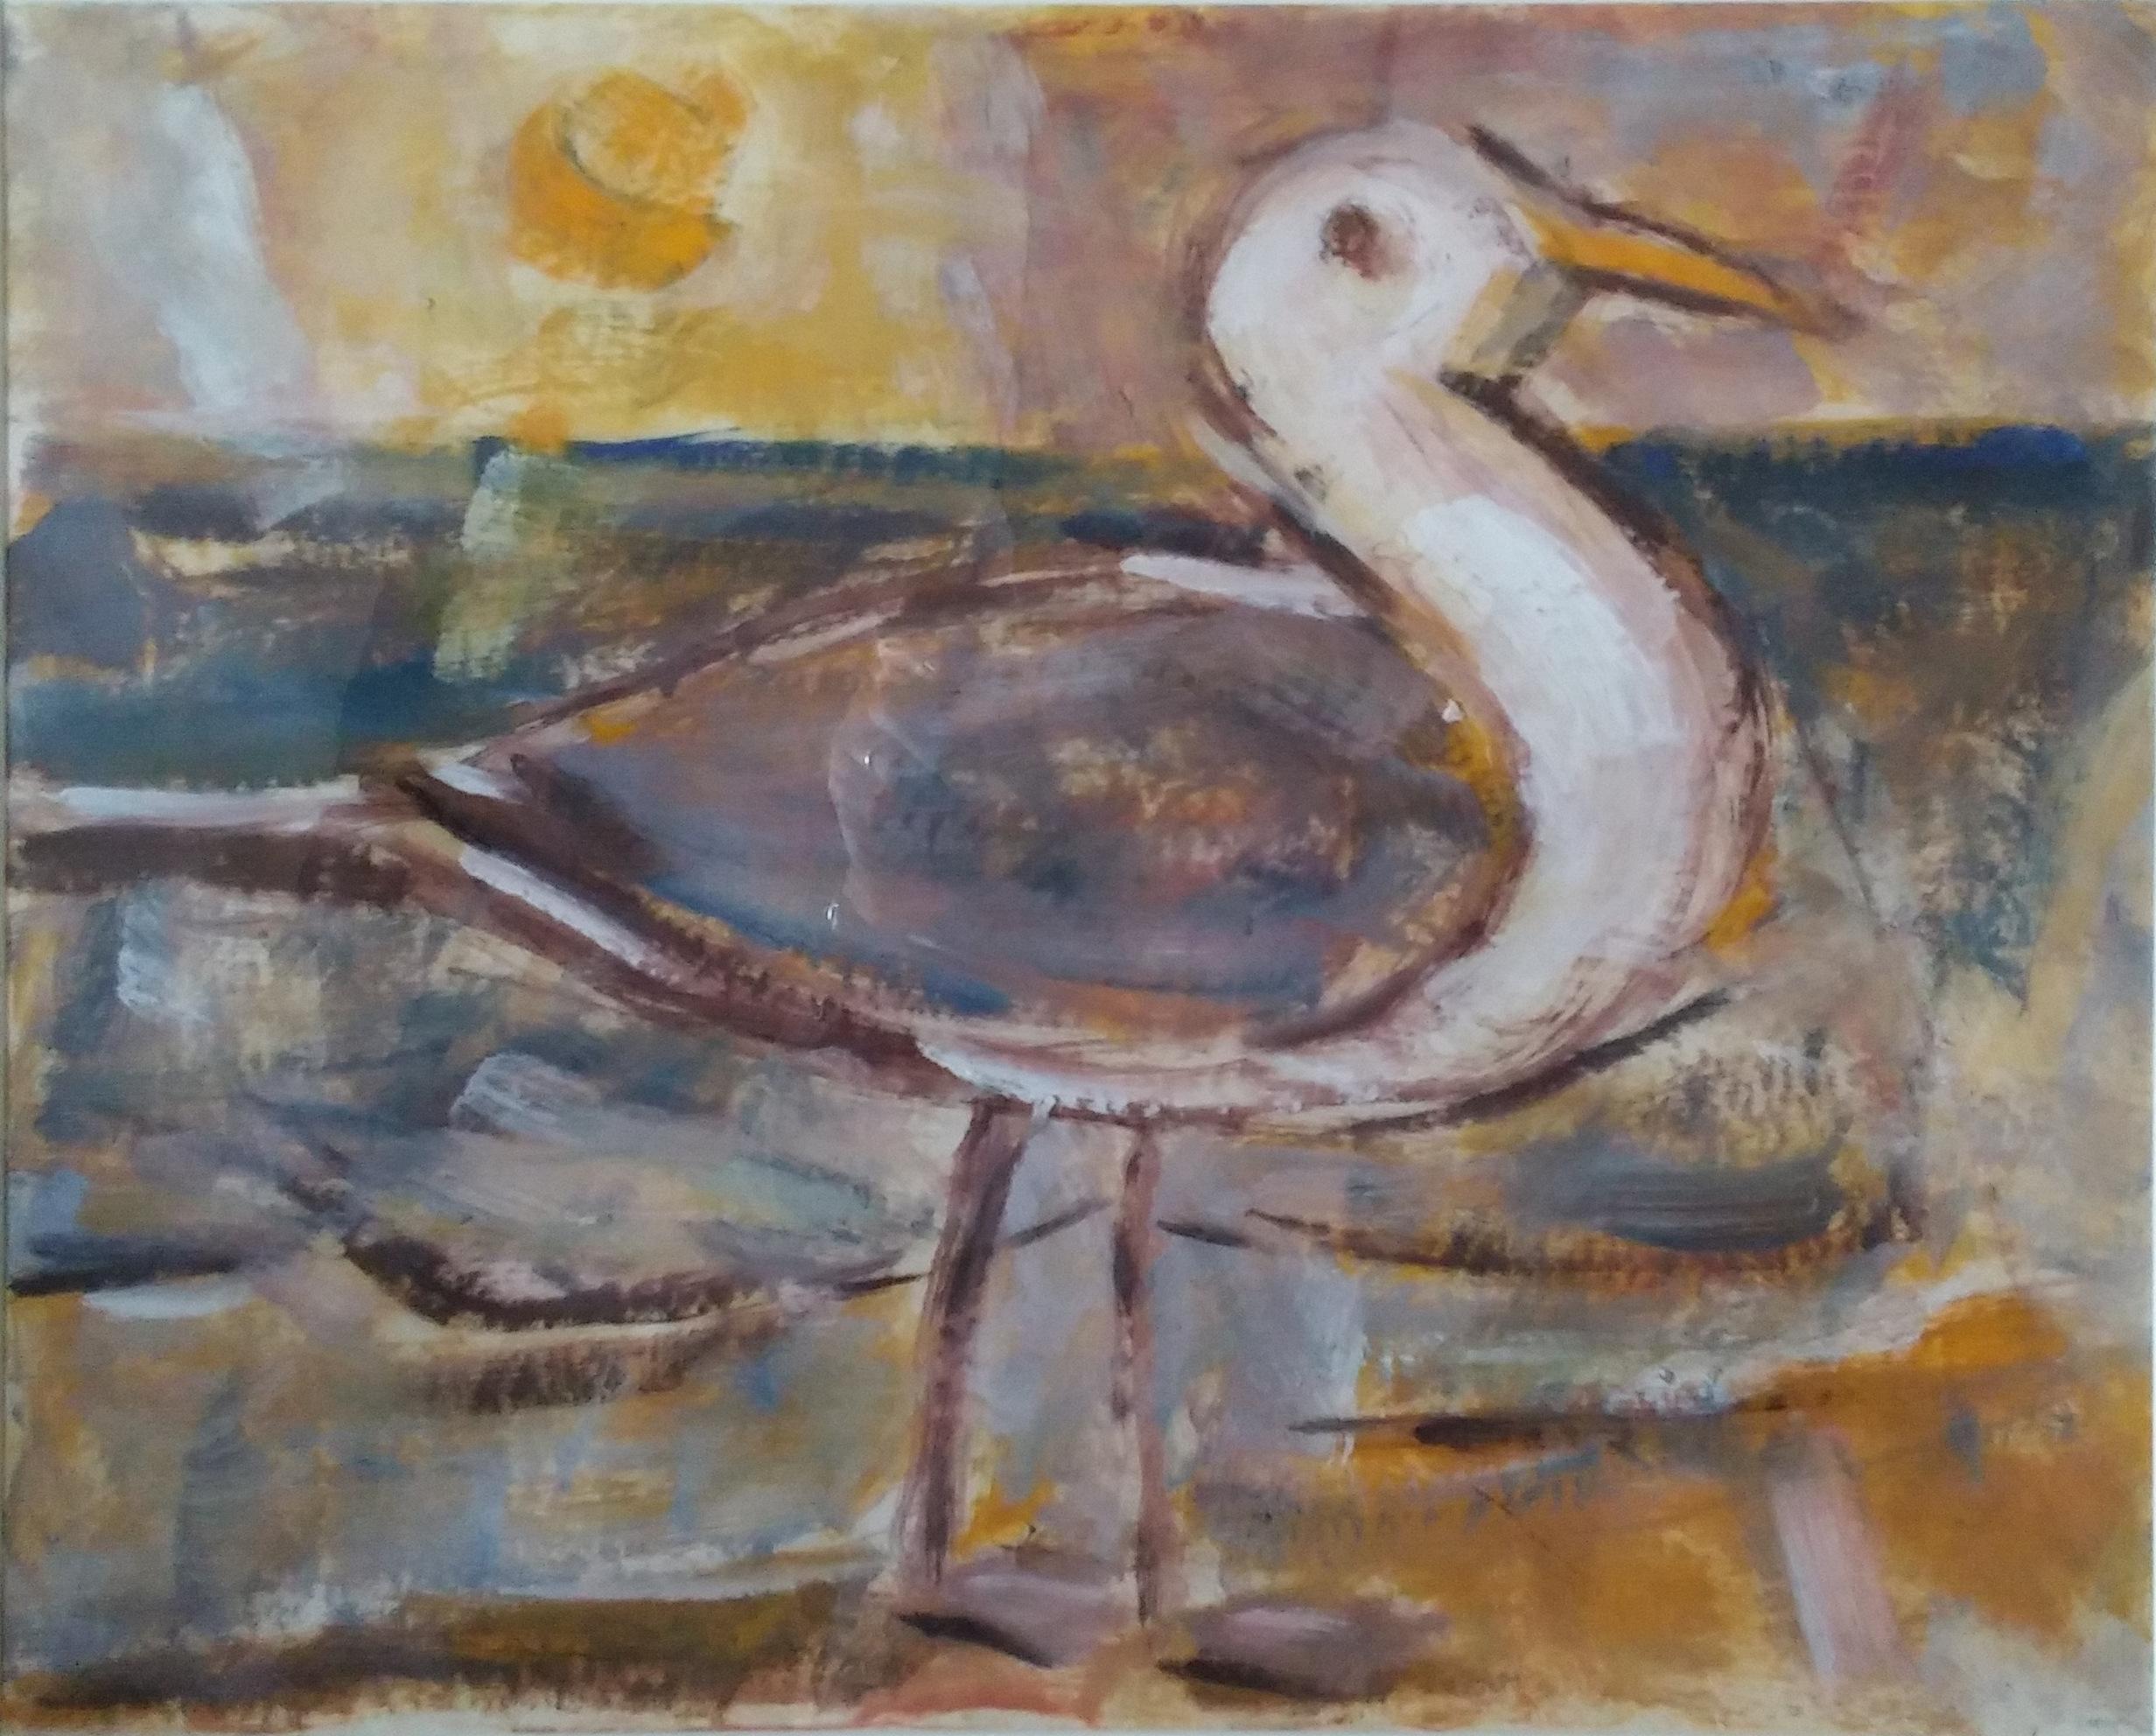 Seagull,  water color, 18x14 NFS  Arthur Runquist